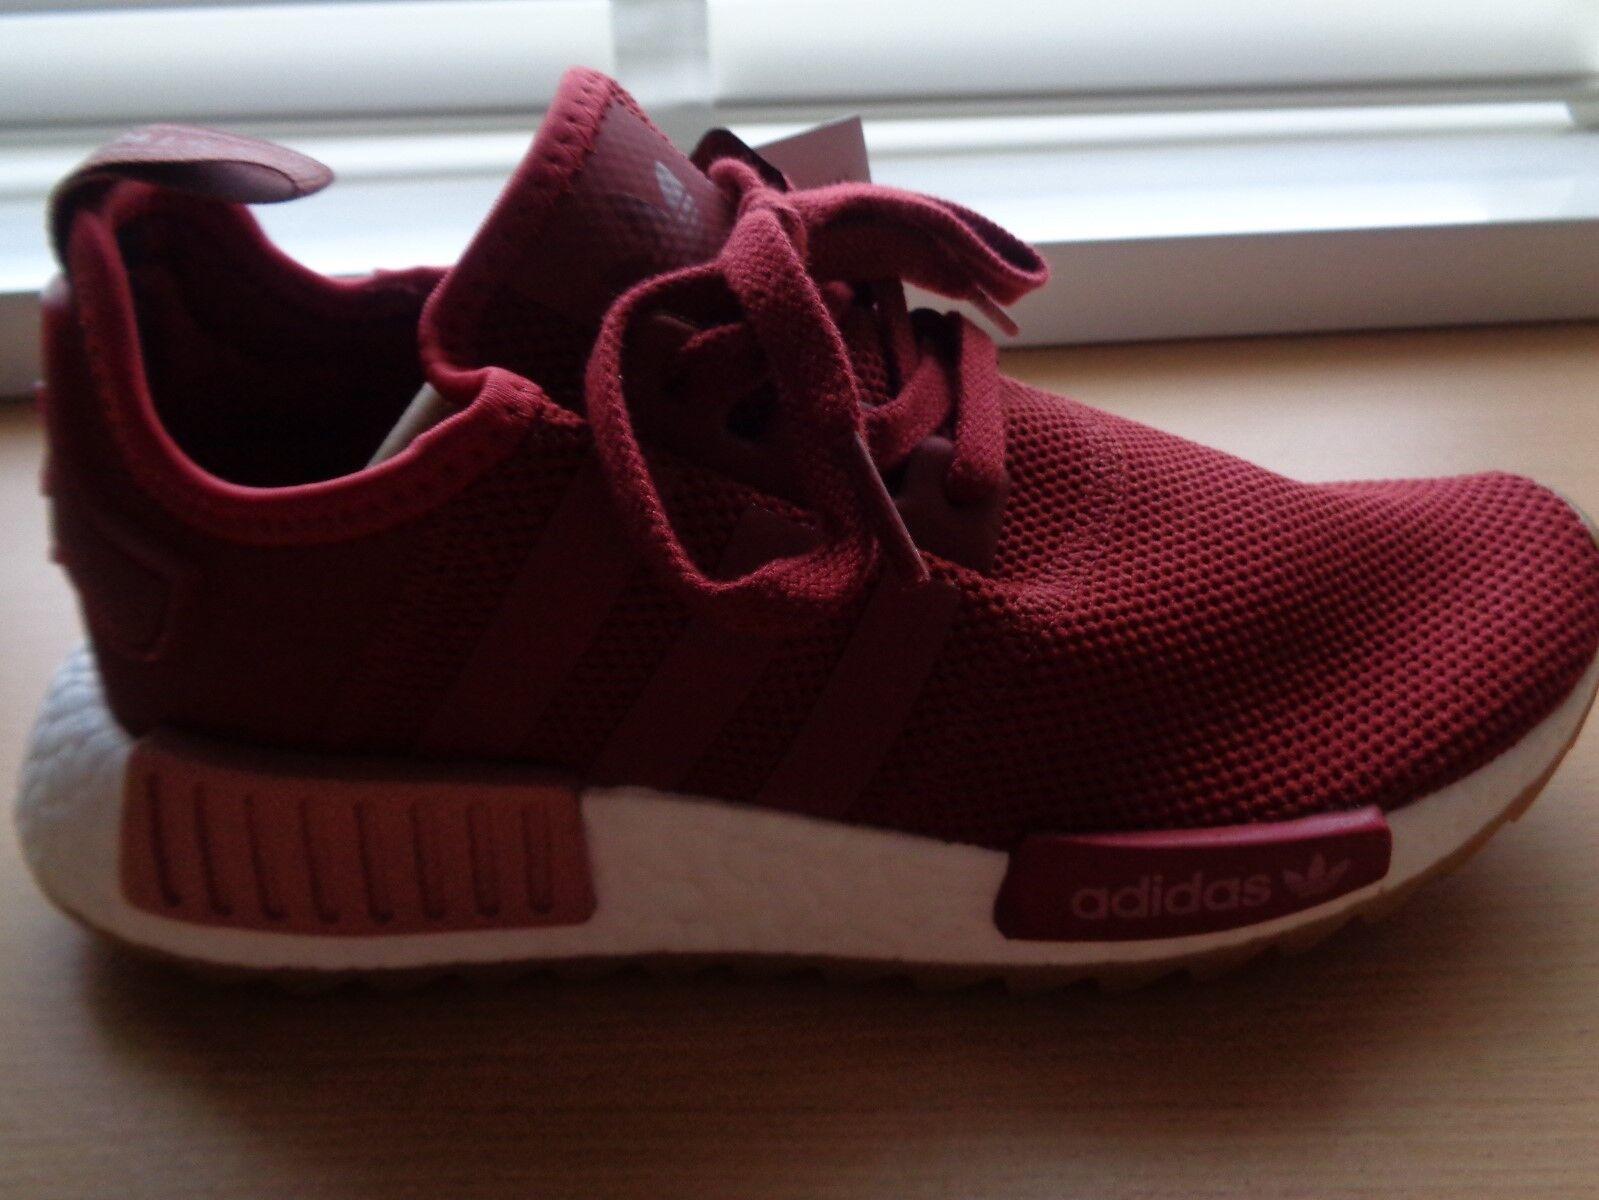 Adidas Turn W Blancfemmes Stitch Rose And Gazelle Originals Suede fSXrf